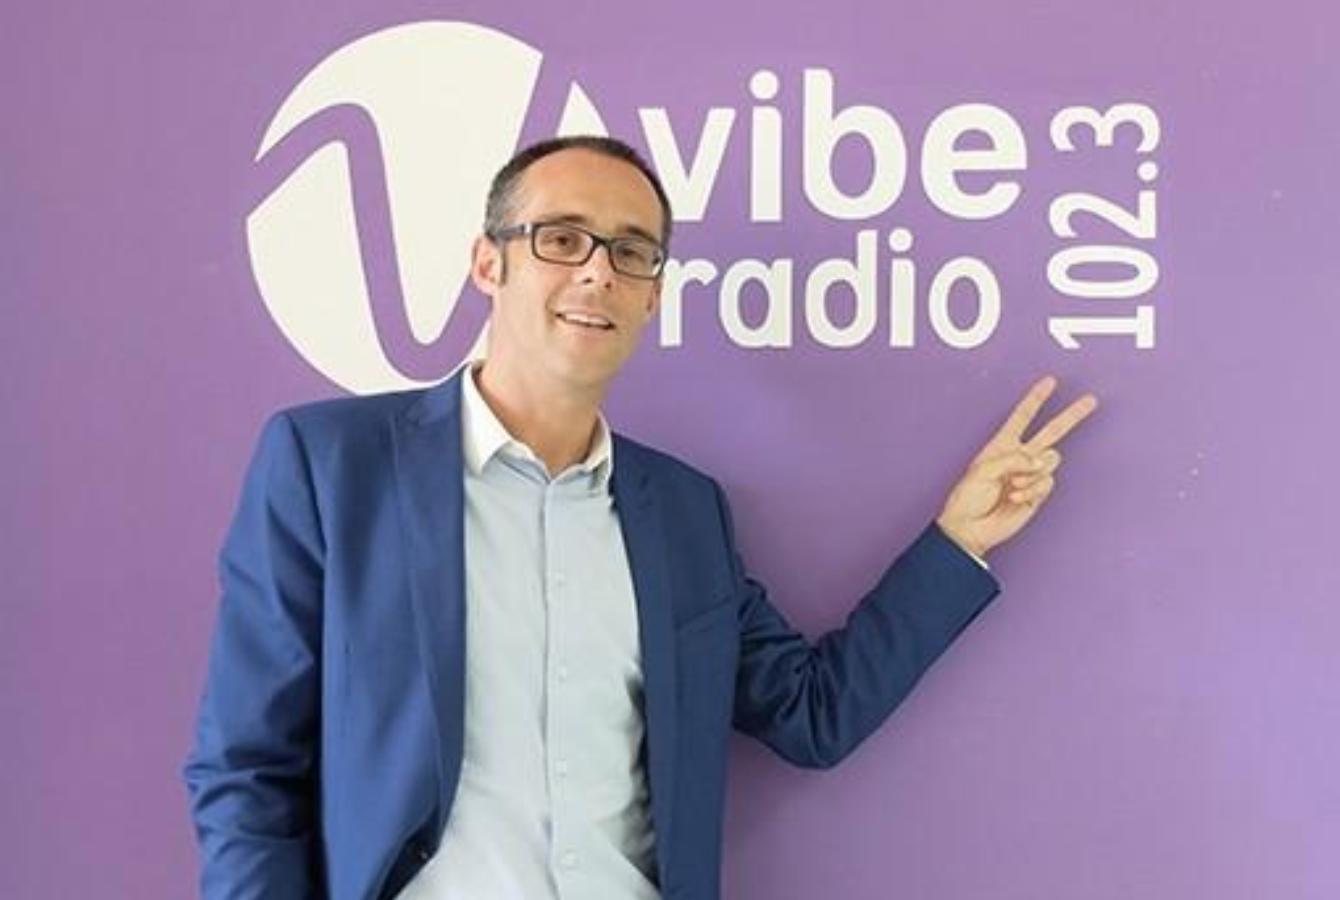 Accusé D'avoir Détourné 20% Du Chiffre D'affaires, Le DG De Vibe Radio Dakar Limogé